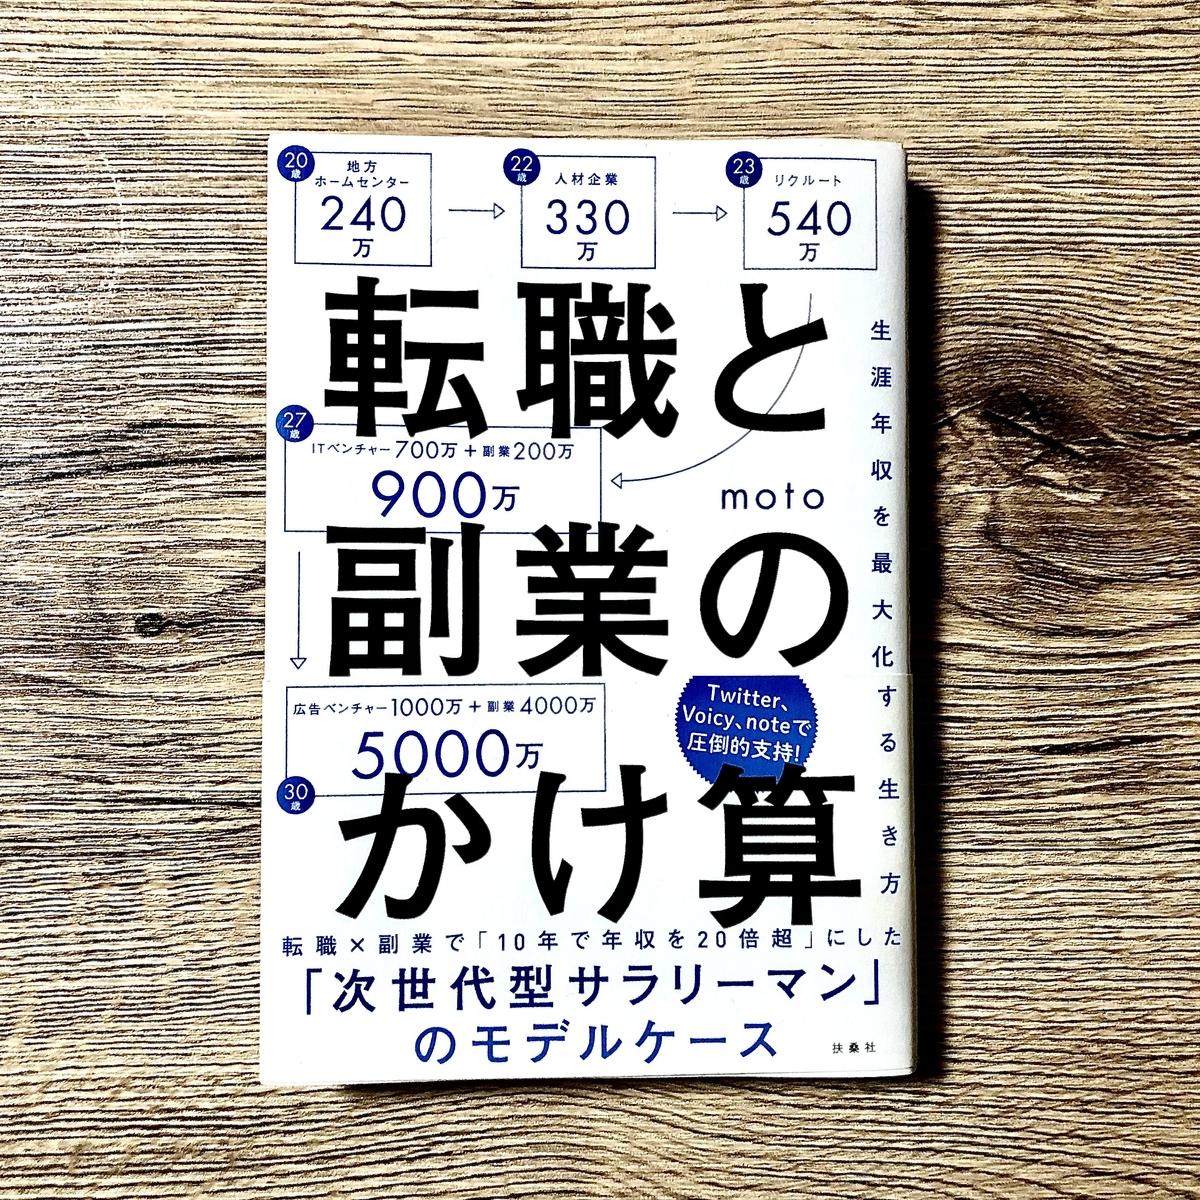 f:id:Arman_Hasegawa:20210704202000j:plain